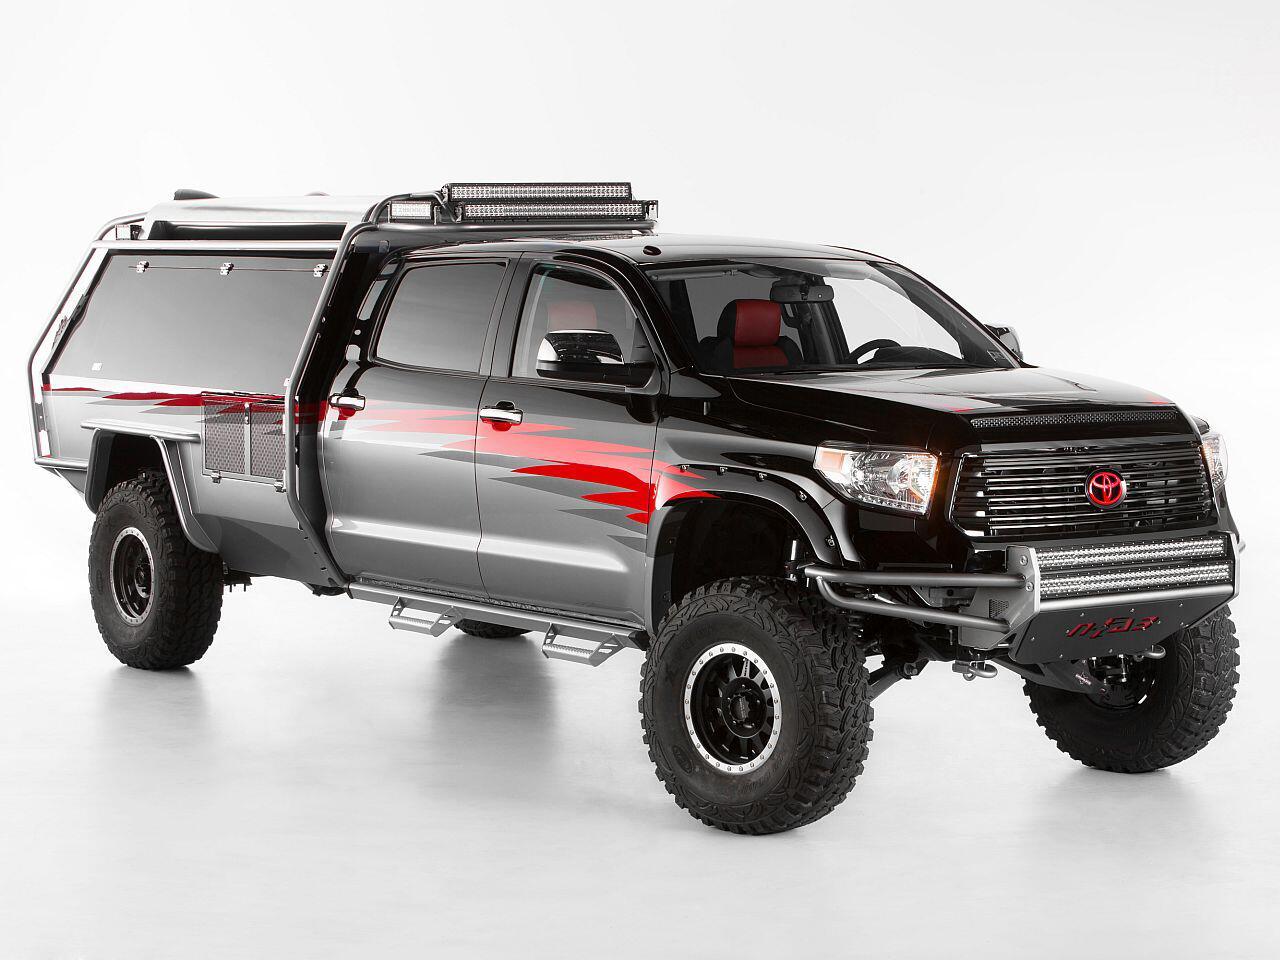 Bild zu Toyota zeigt auf der SEMA 2013 sechs unterschiedlich modifizierte Modelle